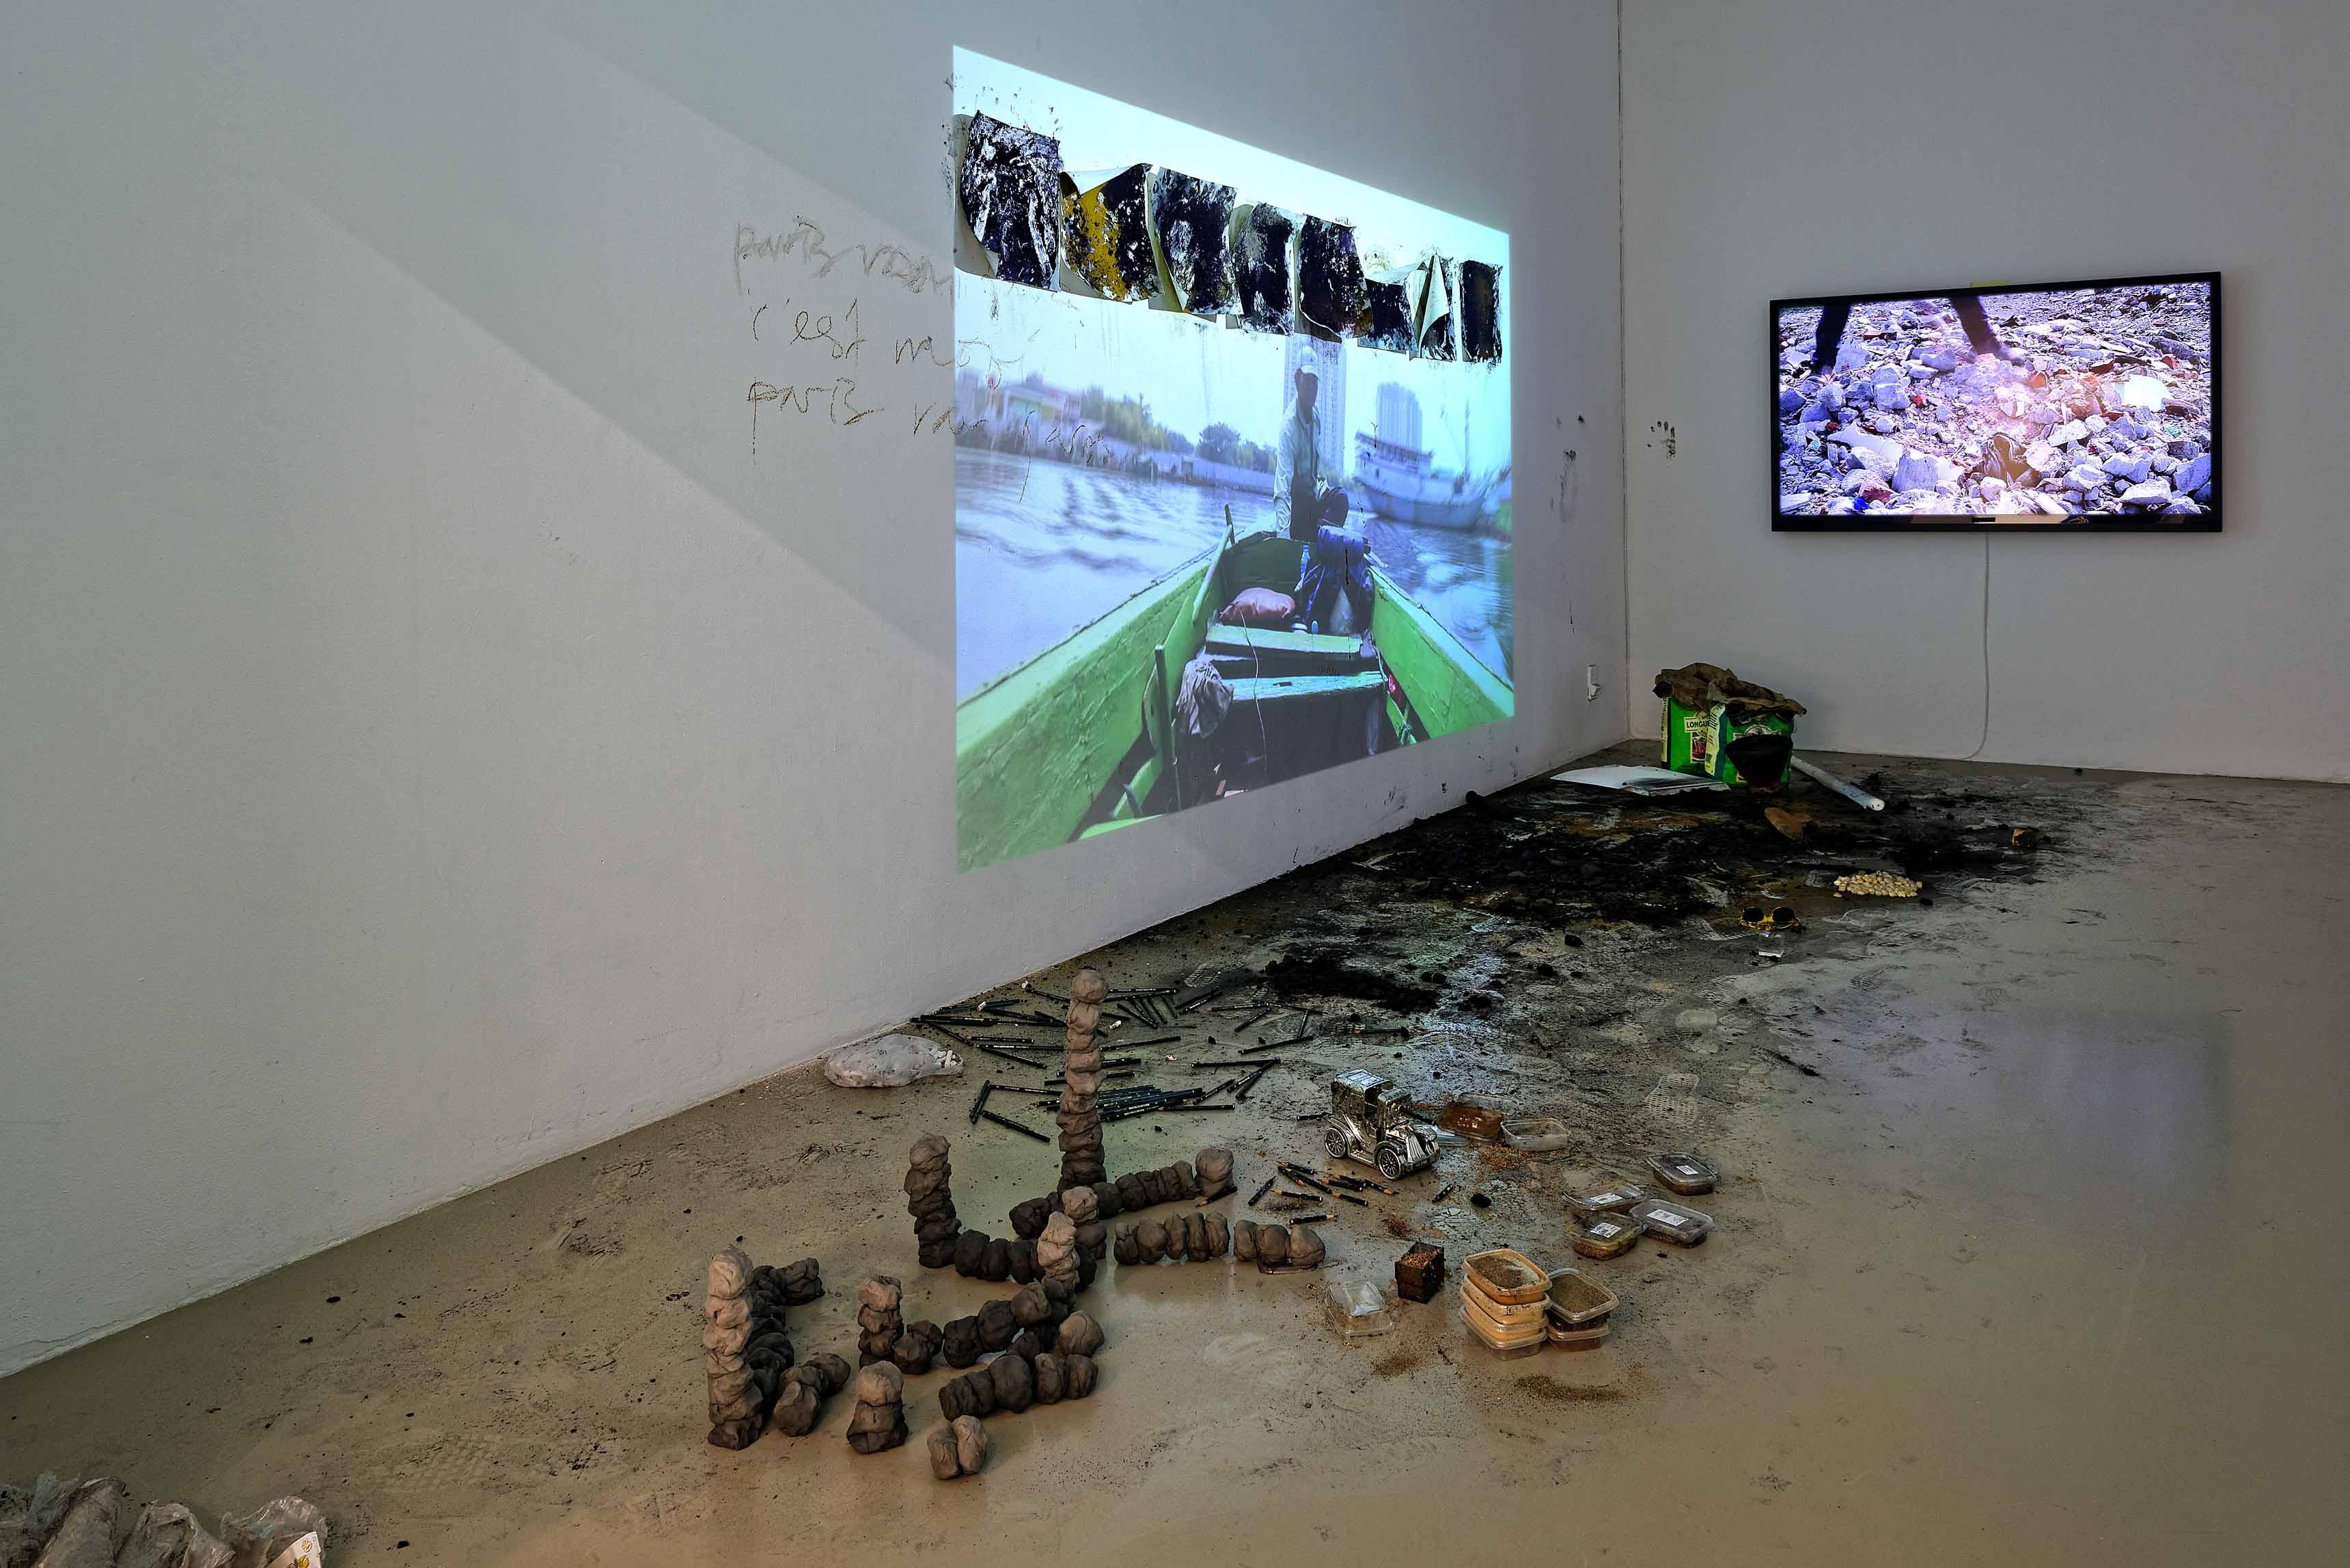 IAC - Vue de l'exposition Rendez-vous - Biennale de Lyon 2017, Institut d'Art Contemporain, Villeurbanne Rhône-Alpes Oeuvre de Aliansyah Caniago ©Blaise Adilon